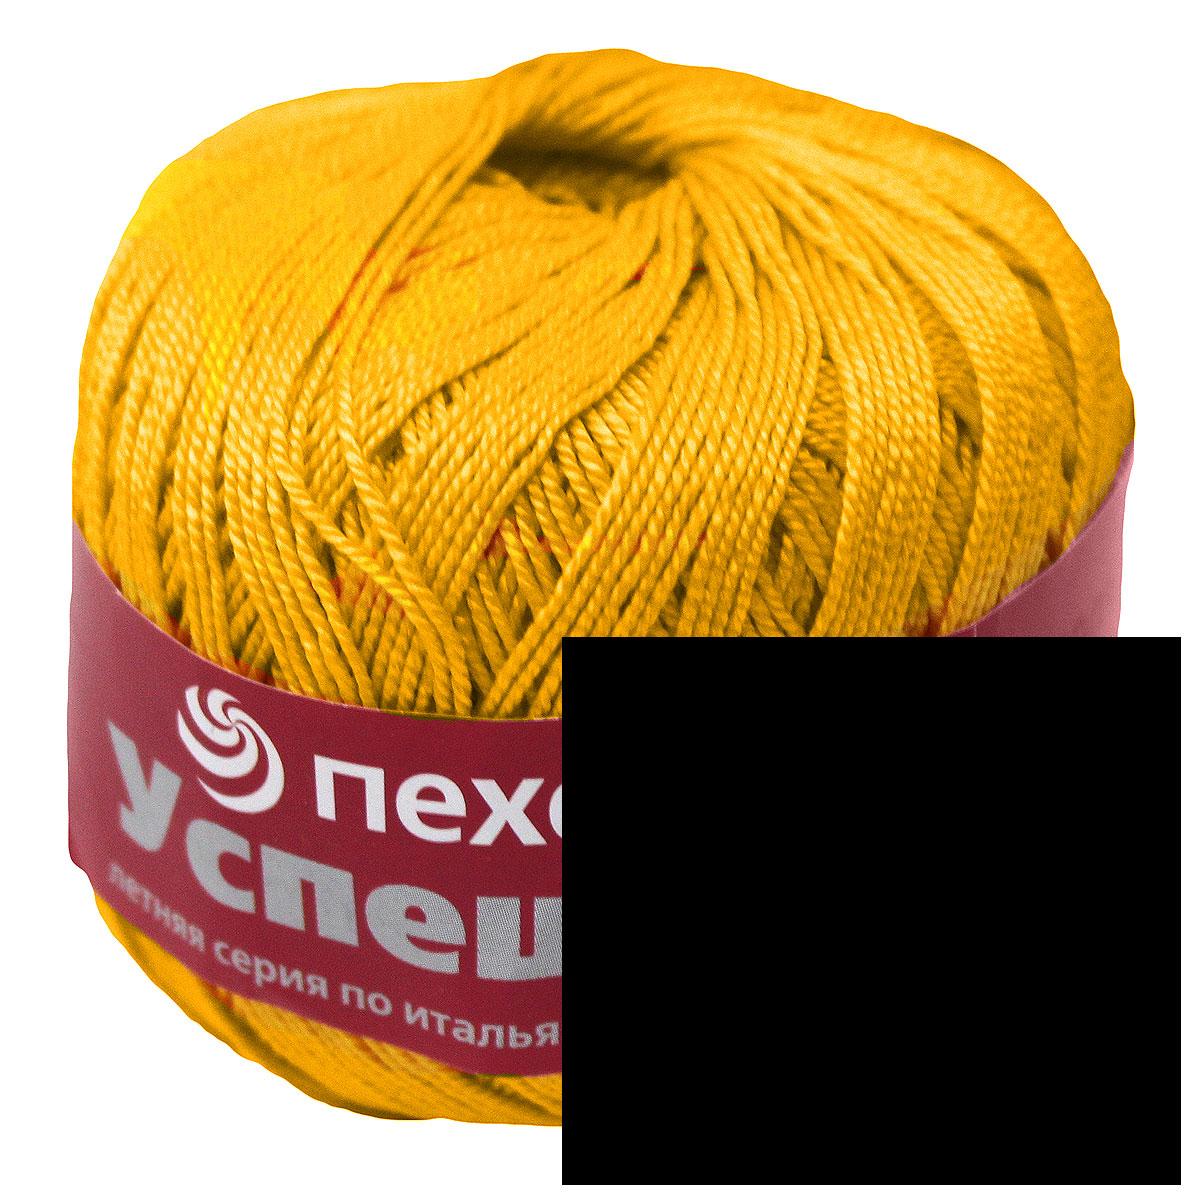 Пряжа для вязания Пехорка Успешная, цвет: черный (02), 220 м, 50 г, 10 шт360068_02_02-ЧерныйПряжа для вязания Пехорка Успешная изготовлена из 100% мерсеризованного хлопка. Пряжа, прошедшая обработку под названием мерсеризация, приобретает блеск, ее легко окрасить в яркие устойчивые цвета. Мерсеризованный хлопок мягкий и шелковистый, он хорошо впитывает влагу. Изделия из такой пряжи меньше мнутся при носке и не садятся при стирке. Связанный трикотаж получается теплый, добротный, мягкий и красивый. С такой пряжей для ручного вязания вы сможете связать своими руками необычные и красивые вещи. Рекомендуются спицы и крючок для вязания 3 мм. Толщина нити: 1 мм. Состав: 100% мерсеризованный хлопок.